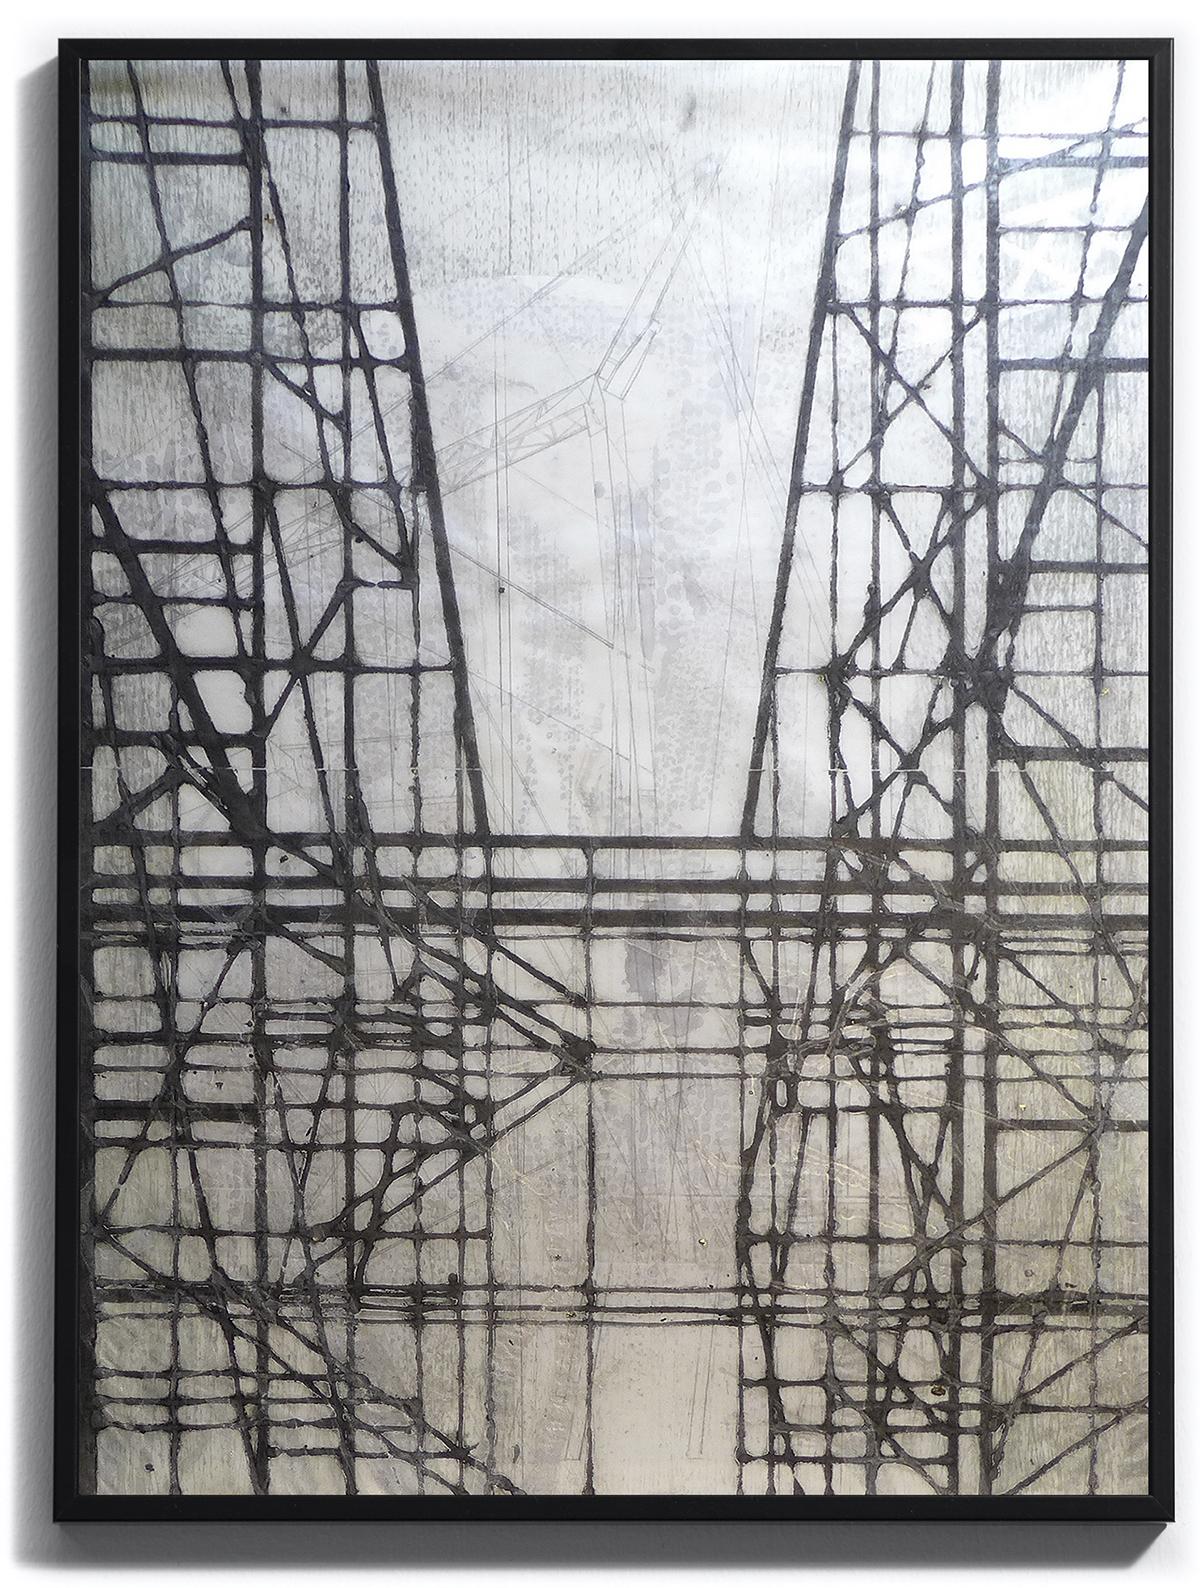 jusqu'au ciel vers de plus haut étages, pièce unique sur papier Wenzhou 30g marouflé, monoprint. Techniques : pointe sèche, carborundum, blandine galtier ©